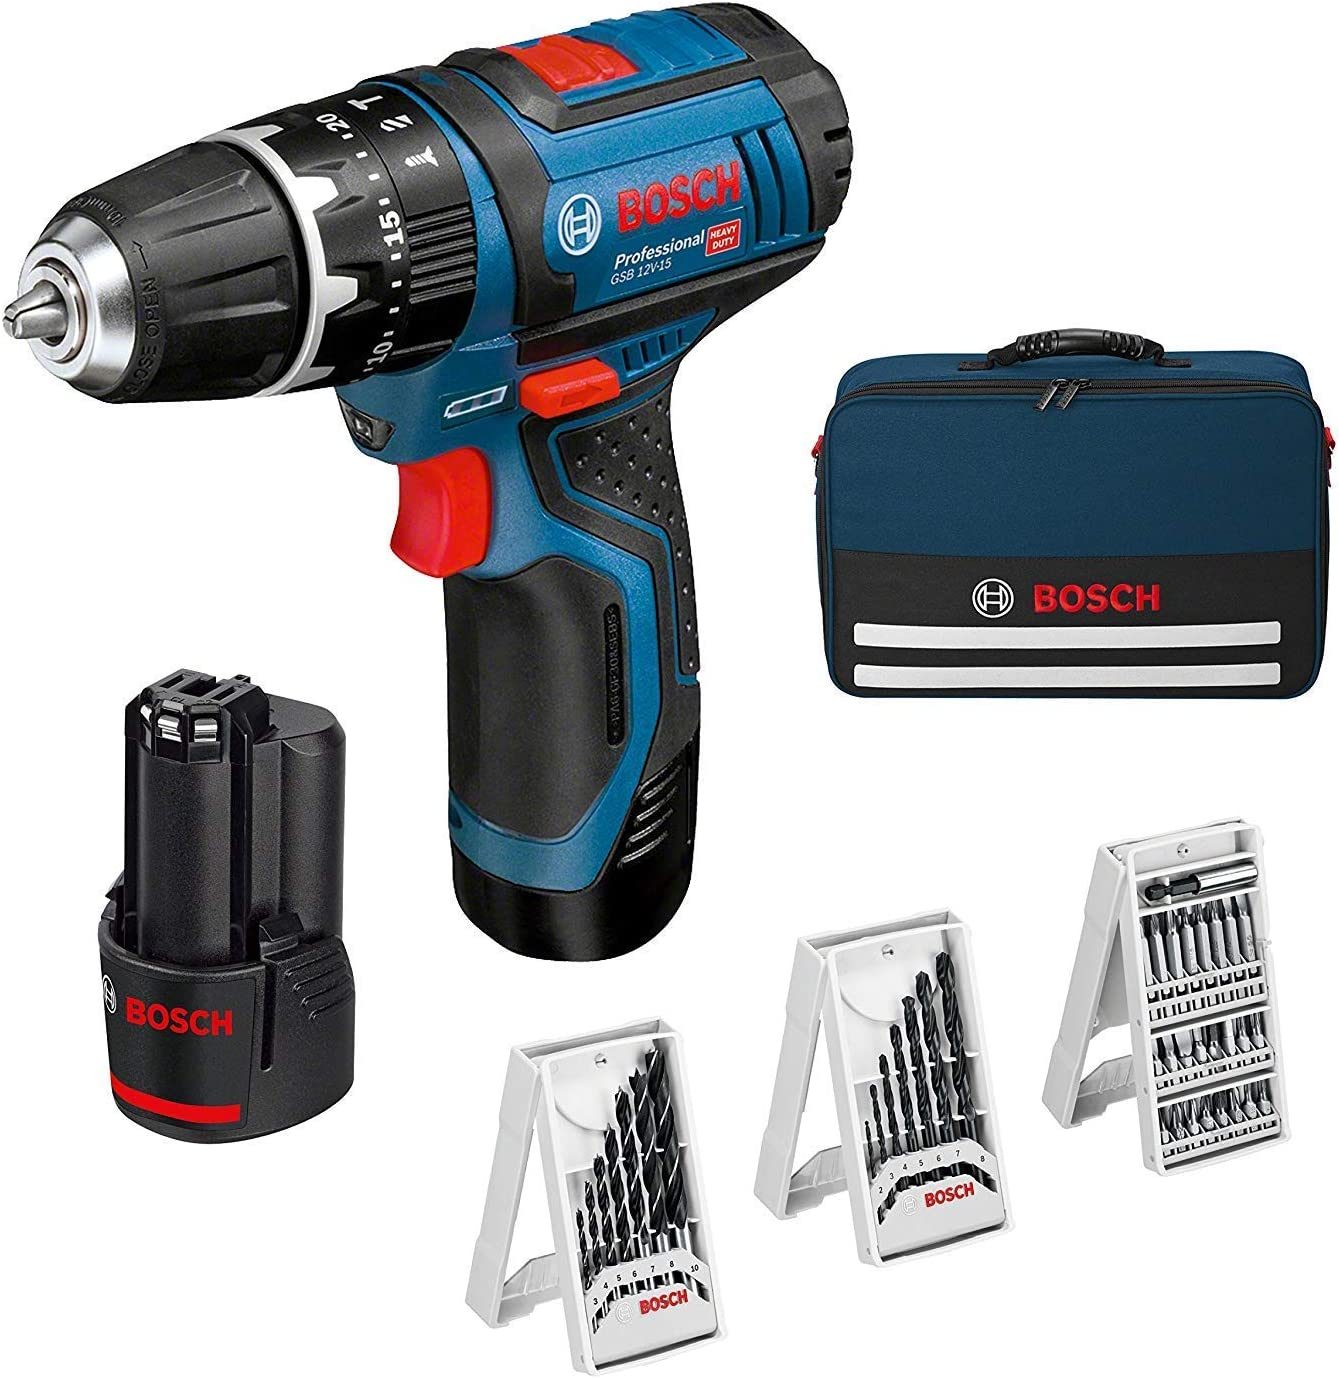 Bosch Professional 12V System GSB 12V-15 - Taladro percutor a batería (30 Nm, 1300 rpm, 2 baterías x 2.0 Ah, set 39 accesorios, en maletín de lona) - Amazon Edition